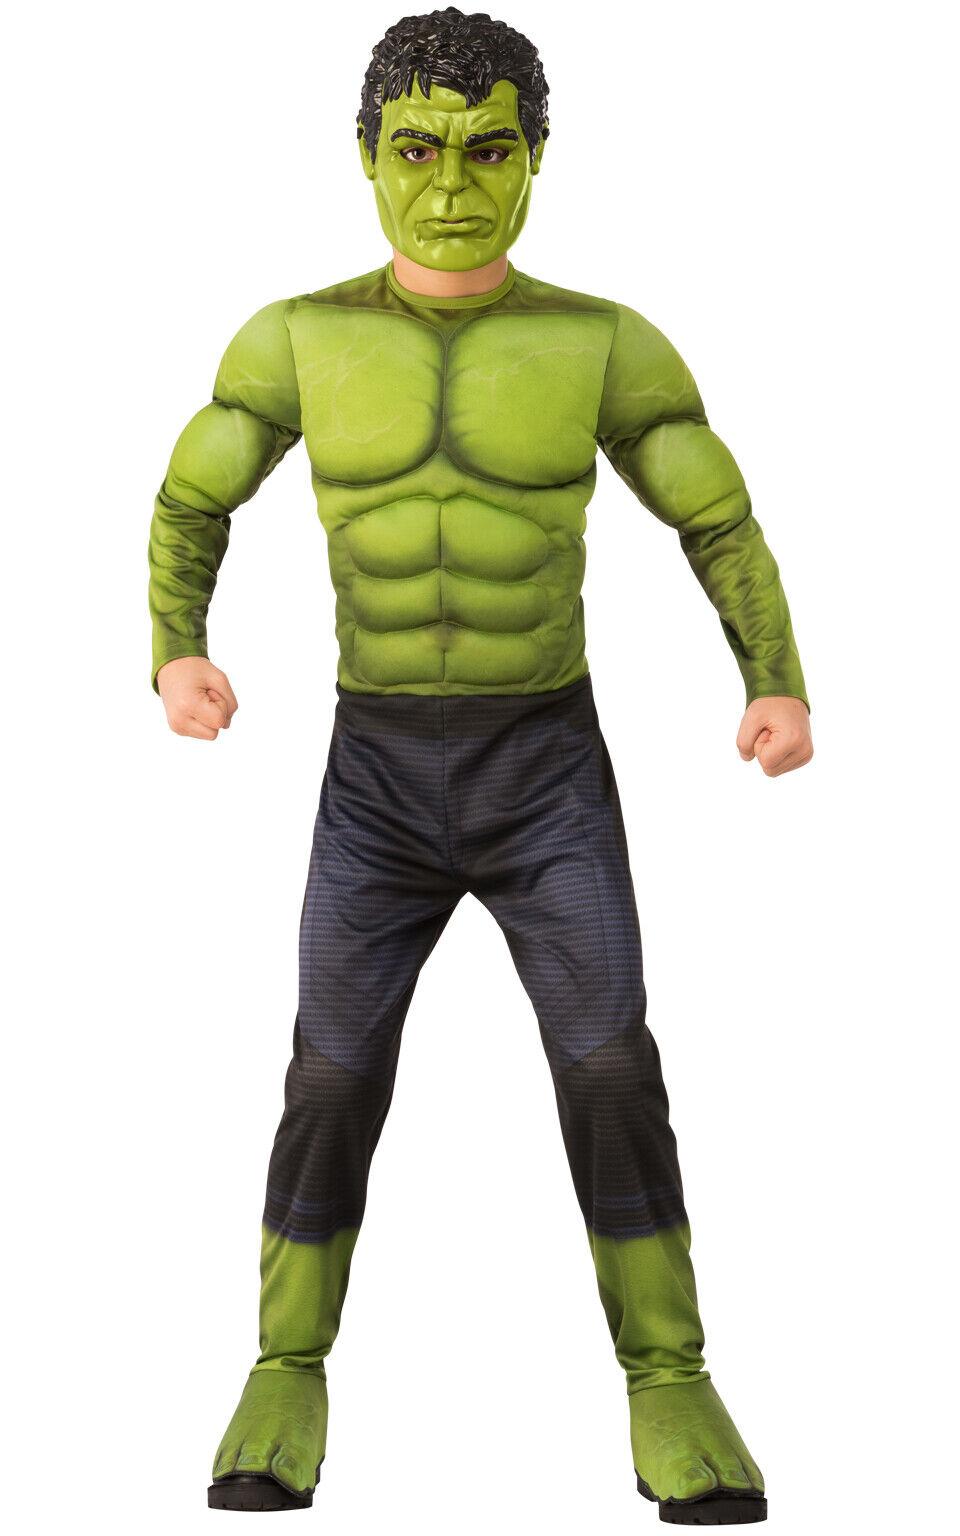 Kinder Hulk Kostüm Buch Woche Superheld Superheld Superheld Party | Stil  | In hohem Grade geschätzt und weit vertrautes herein und heraus  | Elegant und feierlich  1b56d5